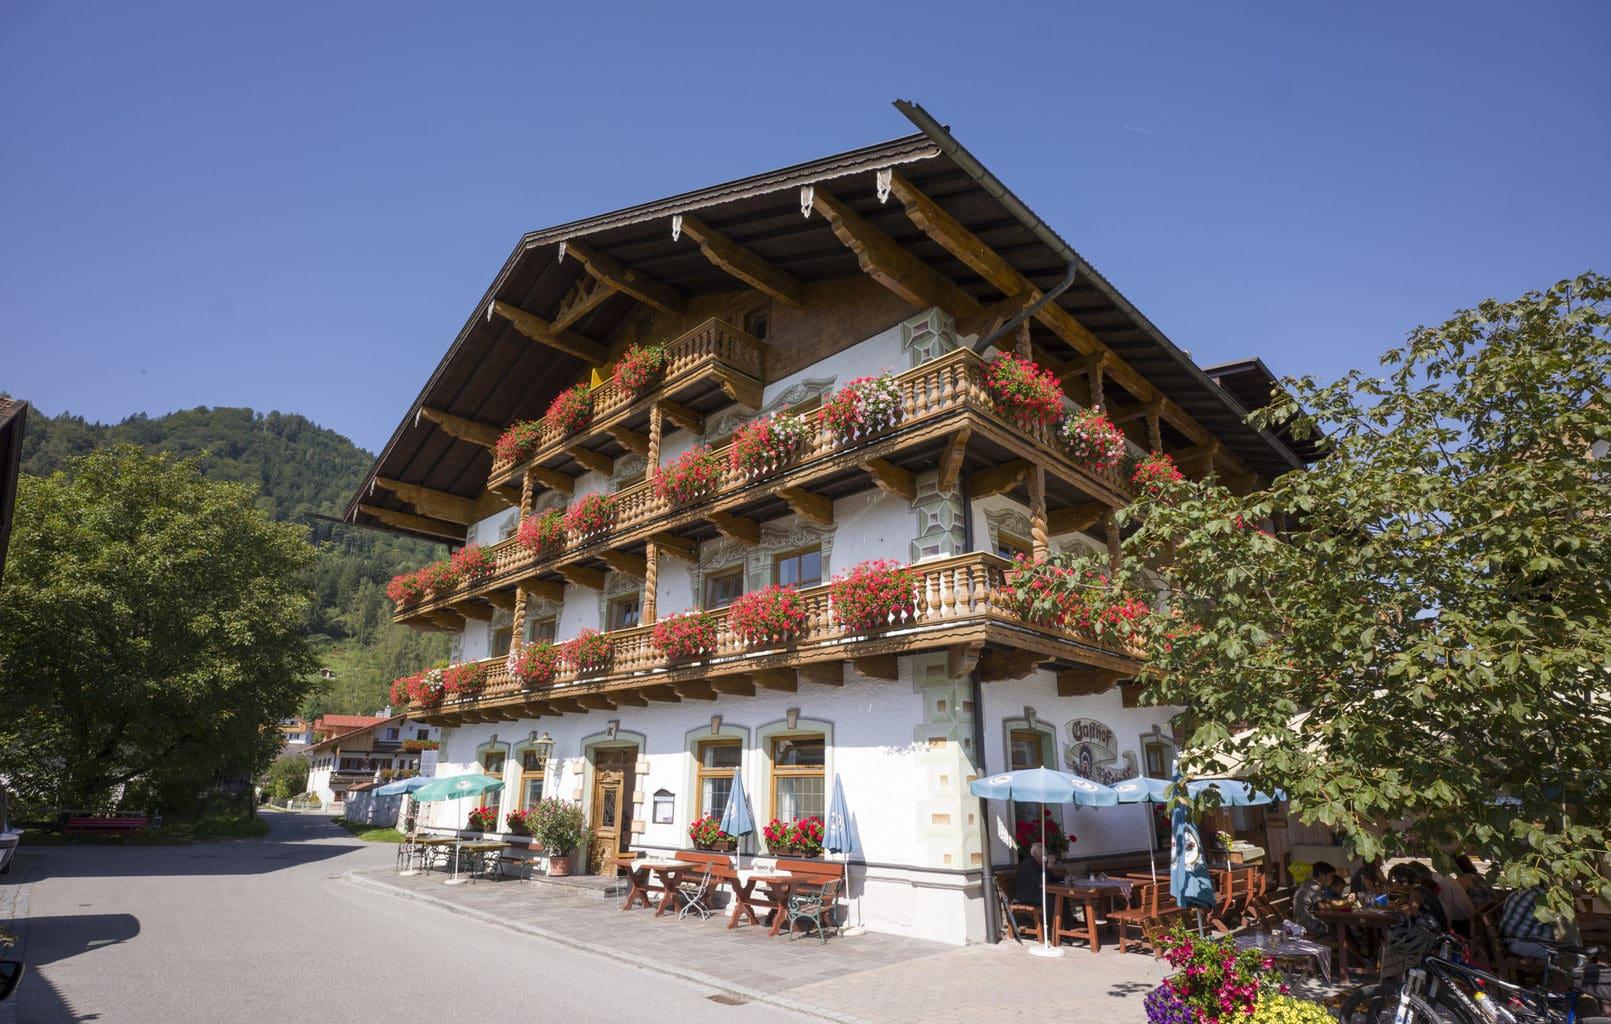 Hotel Keindl in het Beierse Niederaudorf oogt als een prettige vakantiebestemming met bloemen op het balkon